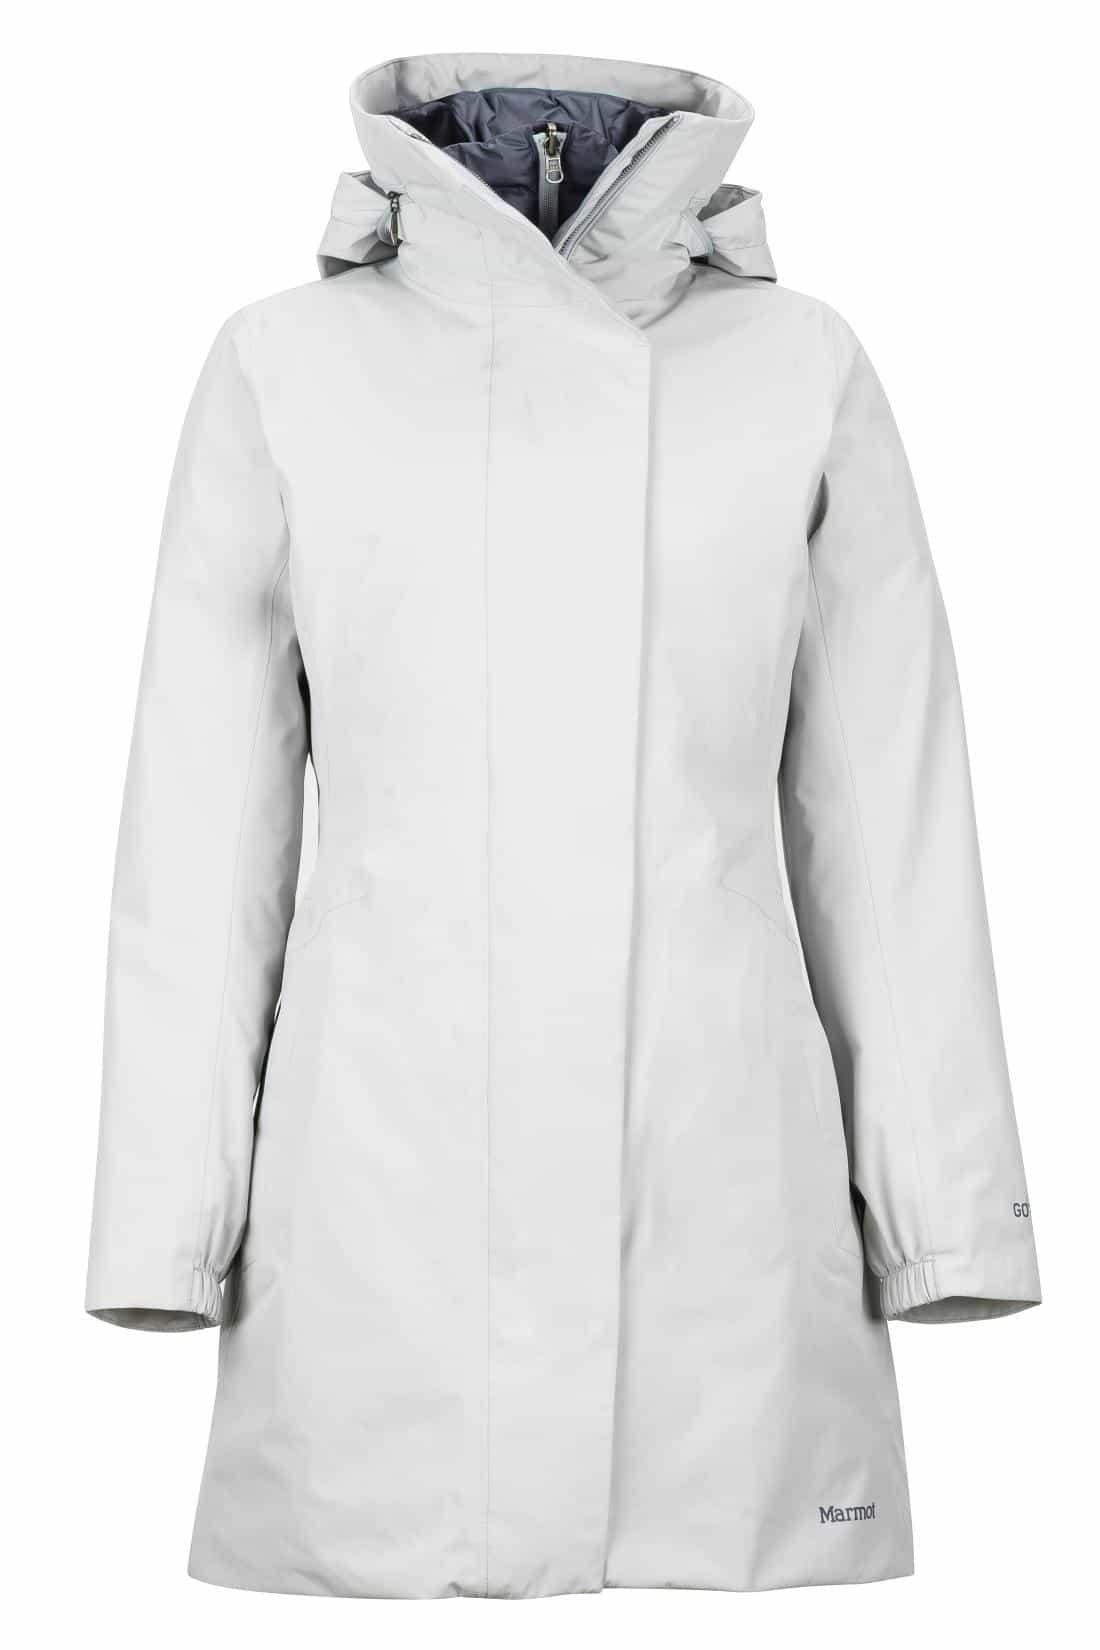 Marmot-West Side Comp Jacket - Women's